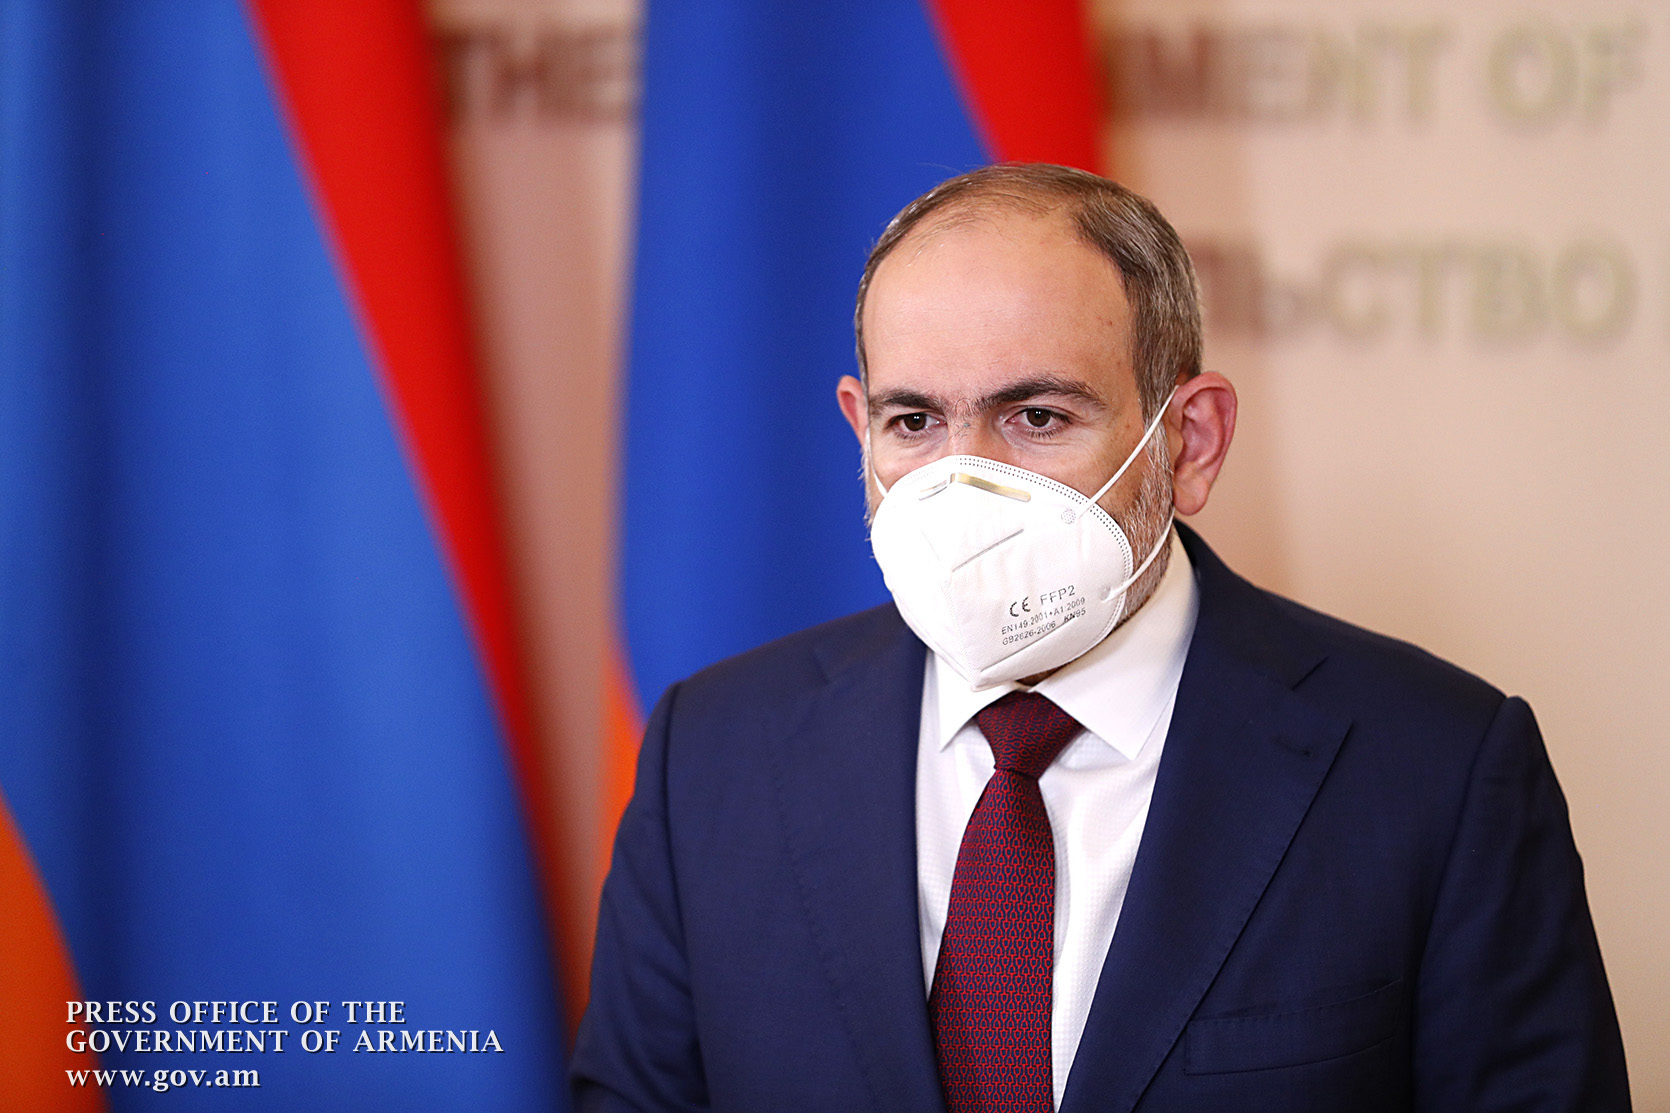 Photo of Մենք ոչ միայն Հայաստանից ենք վատ լուրեր ստանում, այլև ամբողջ աշխարհից․ Նիկոլ Փաշինյան